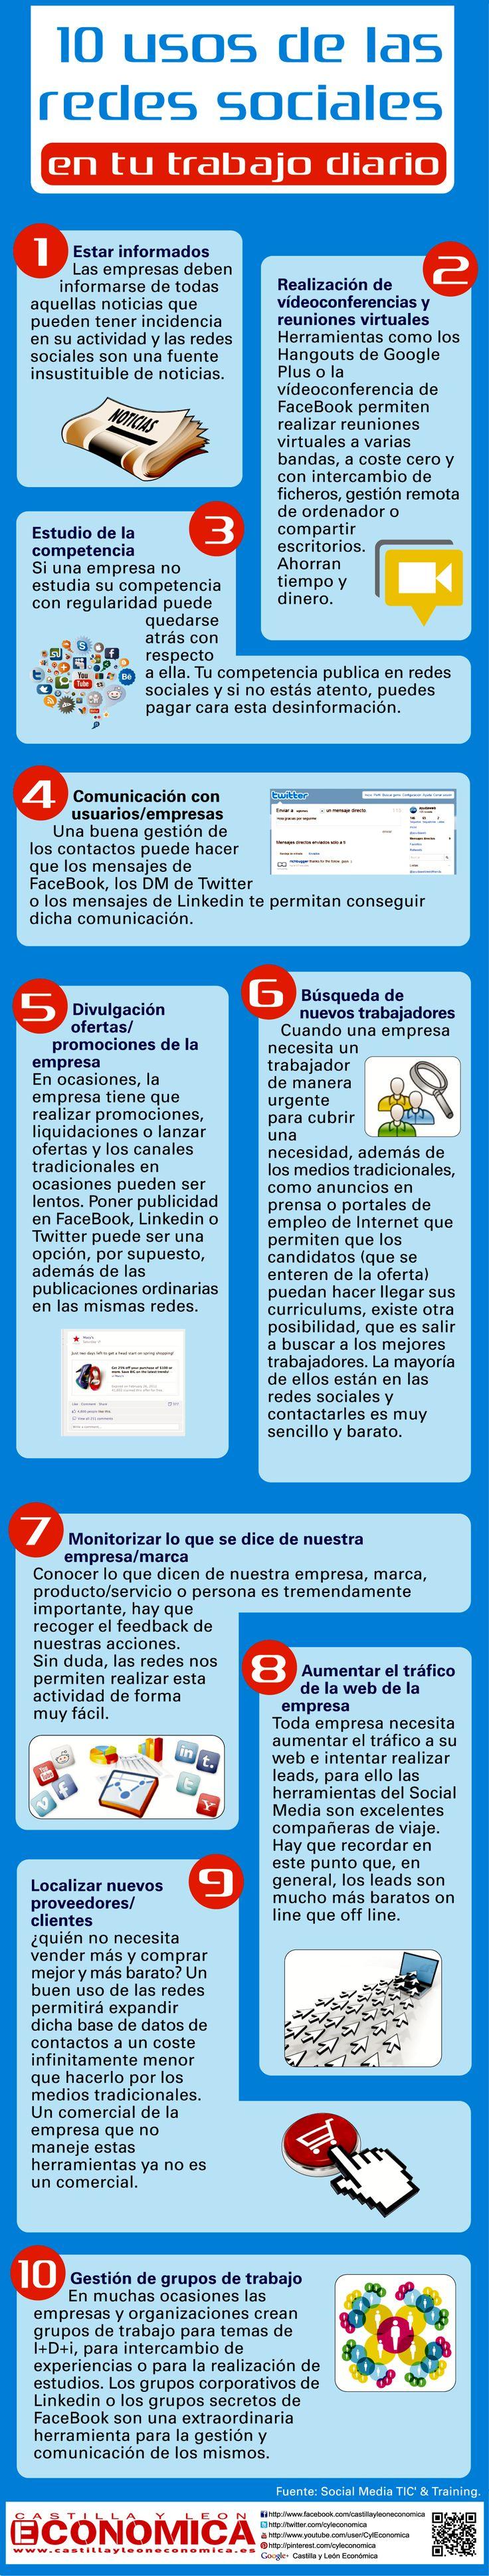 10 usos de las redes sociales en tu trabajo diario...  http://www.1502983.talkfusion.com/products/